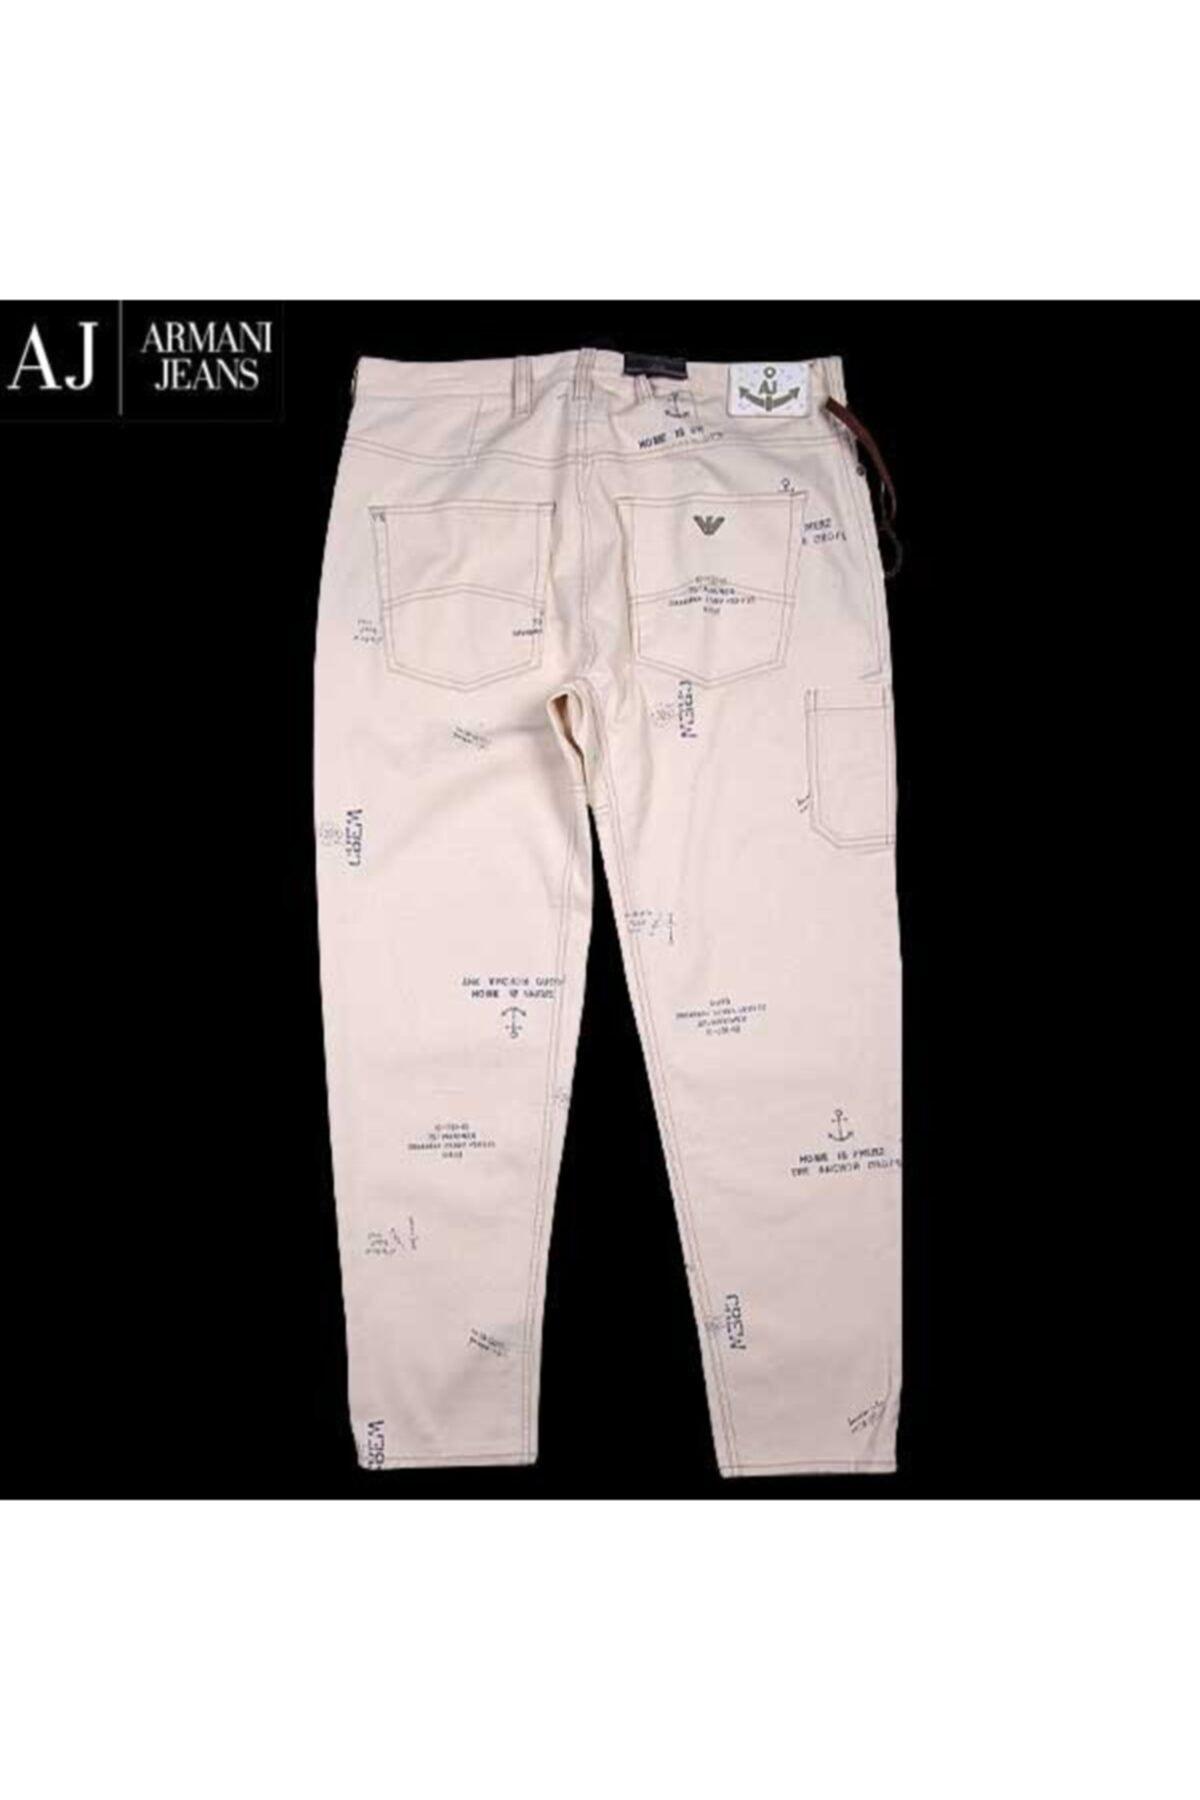 Armani Jeans Armanı Jeans Erkek Beyaz Baskılı Jeans Pantolon 2